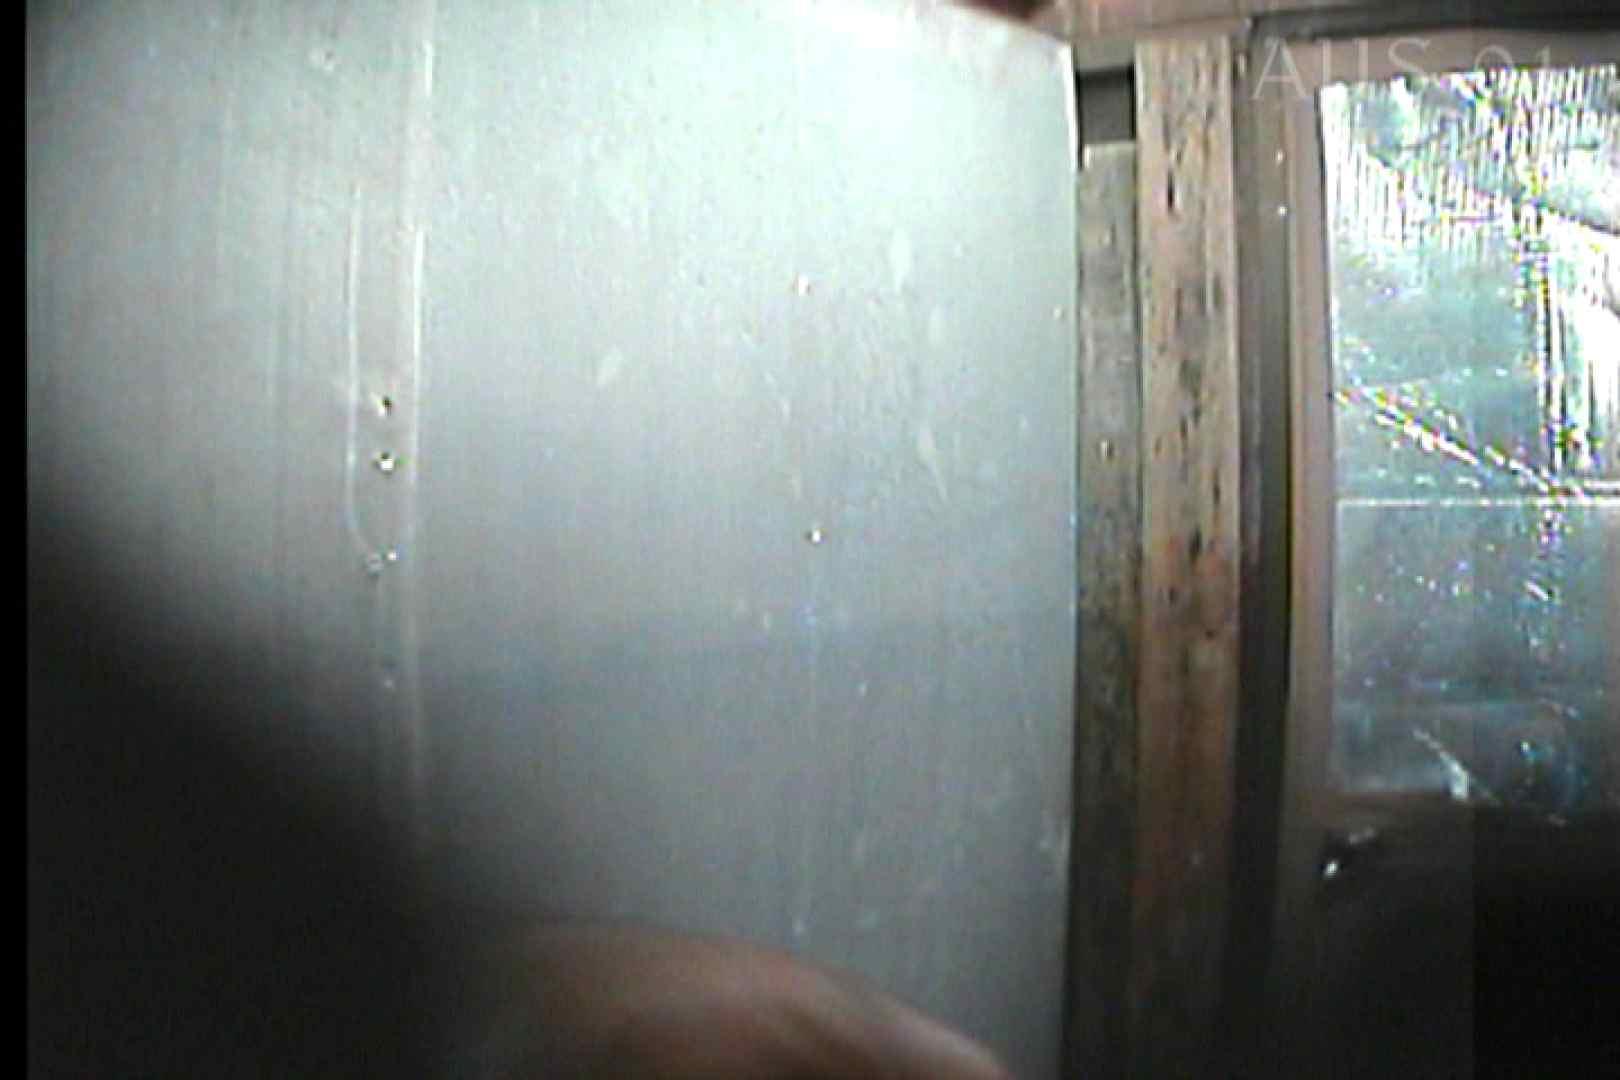 海の家の更衣室 Vol.05 日焼けした肌 エロ画像 82画像 23